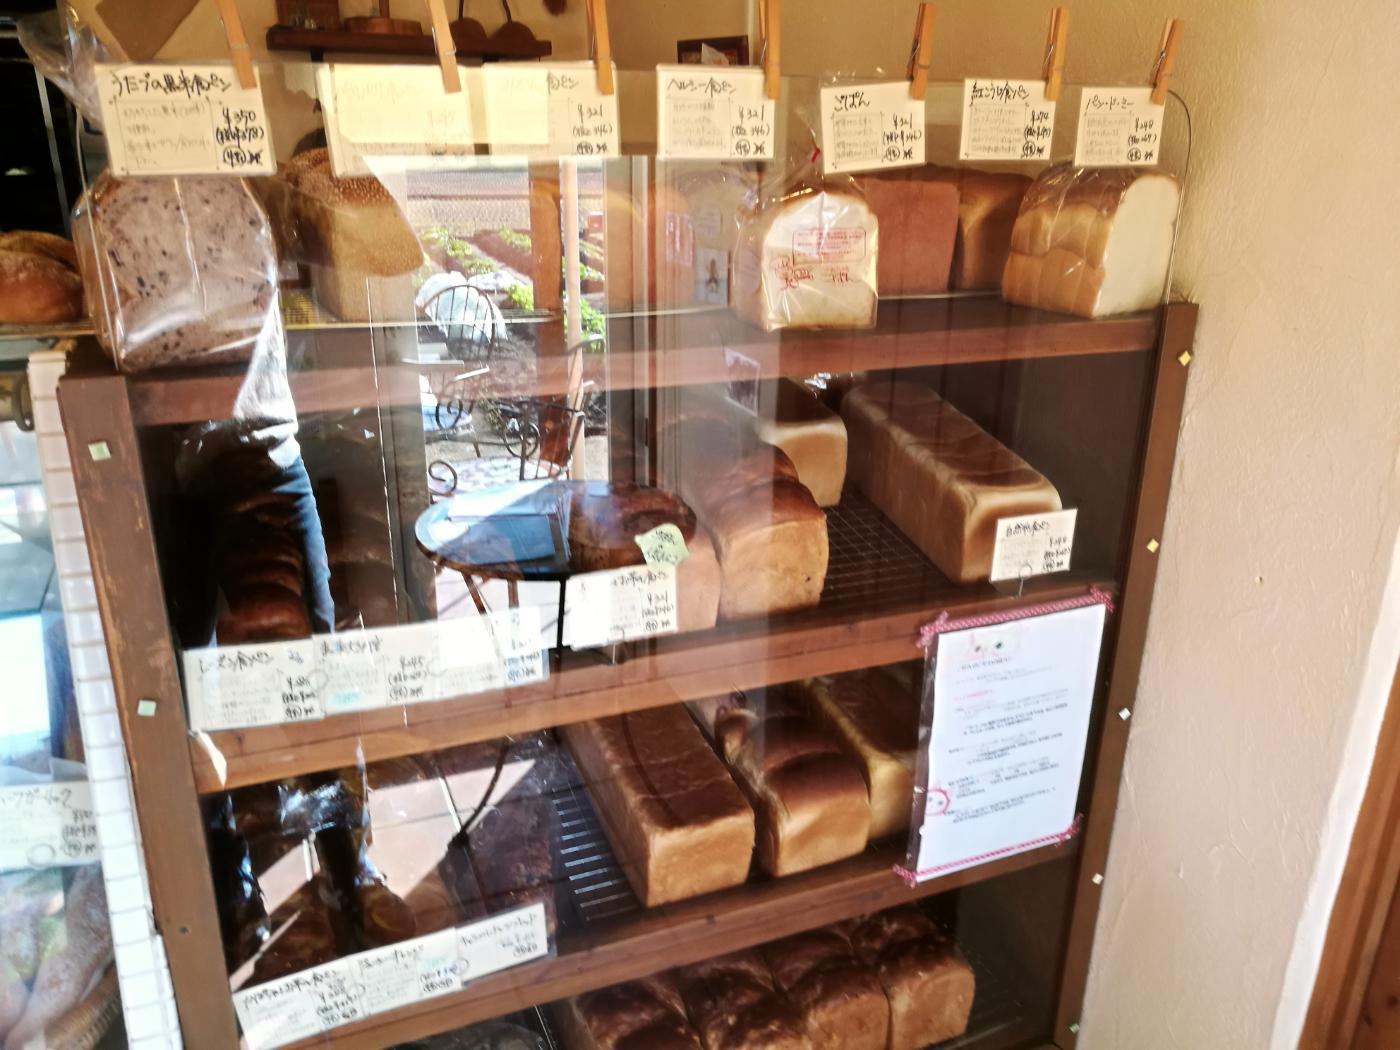 元気パン工房ごぱんのいろいろな種類の食パンが並んでいる。